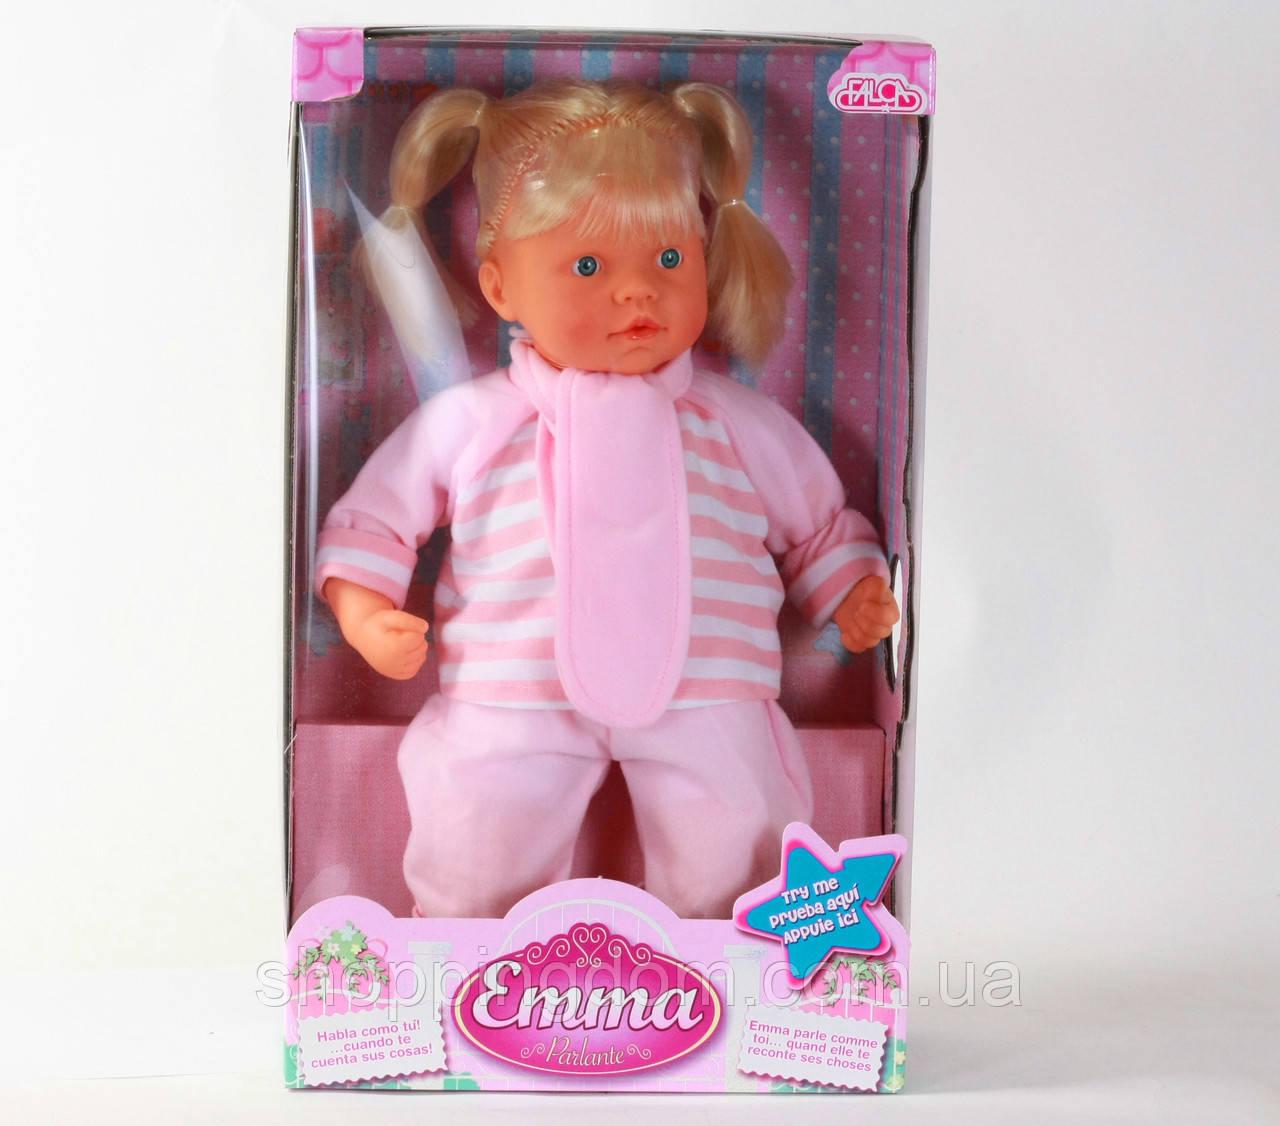 кукла хундоу инструкция вопросы